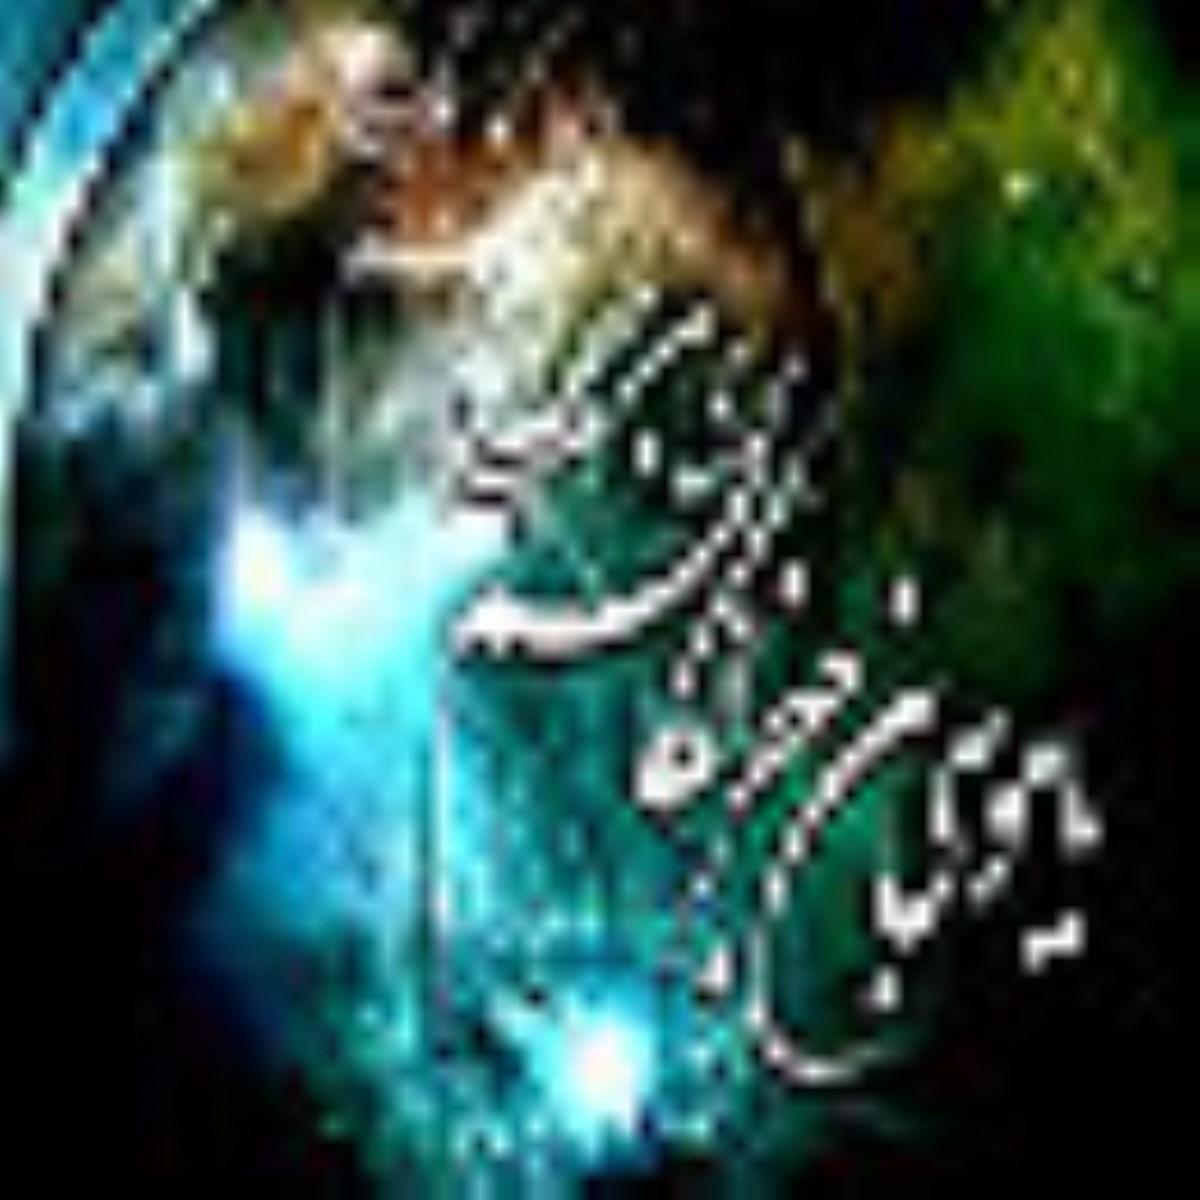 هدایت سیره تربیتى امام کاظم علیهالسلام